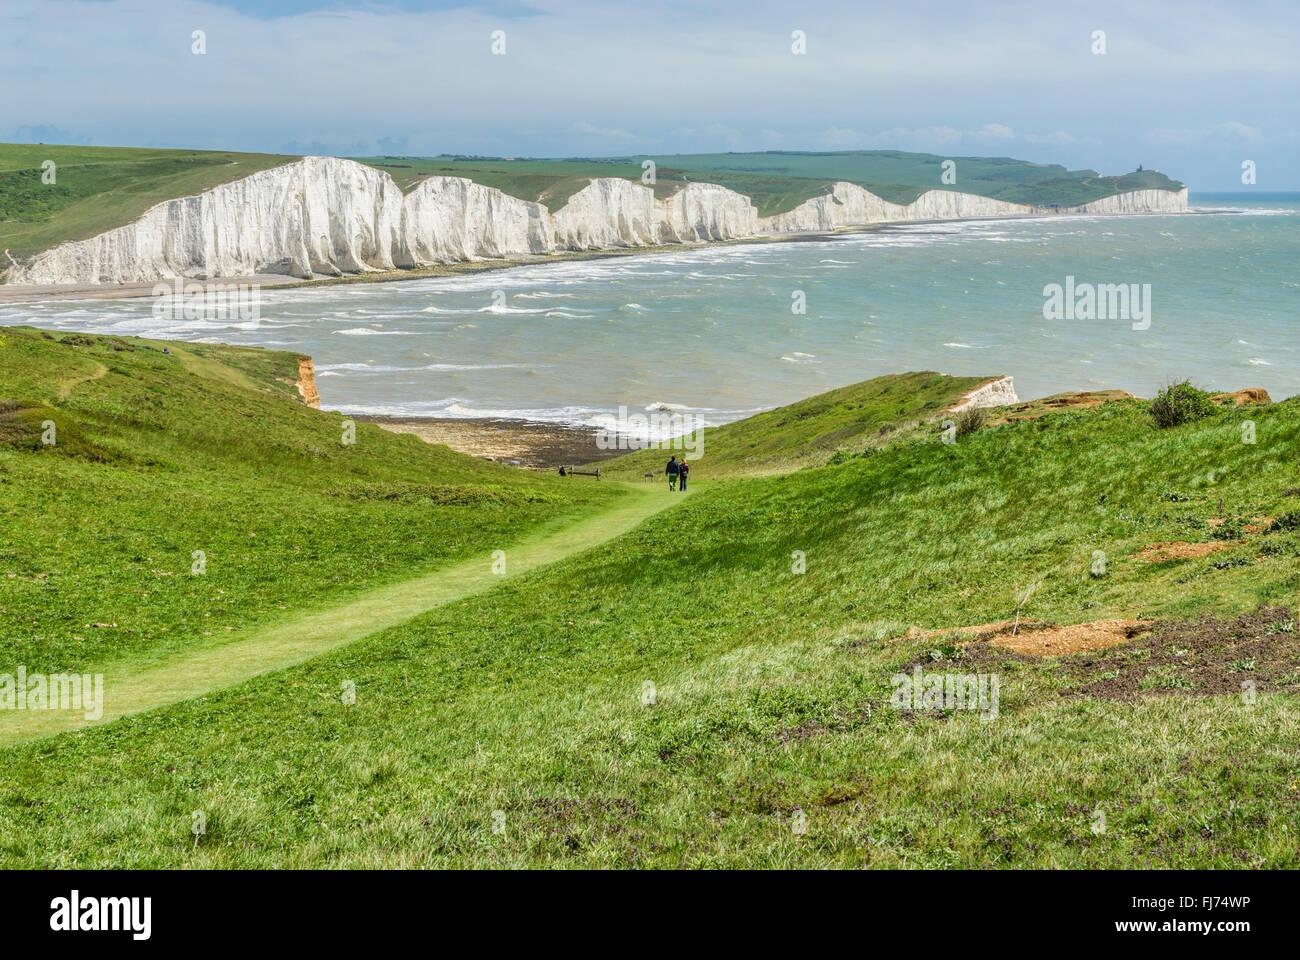 Sieben Schwester-Cliff-Formation in der Nähe von Eastbourne, East Sussex, Südengland |  Sieben Schwestern Stockbild